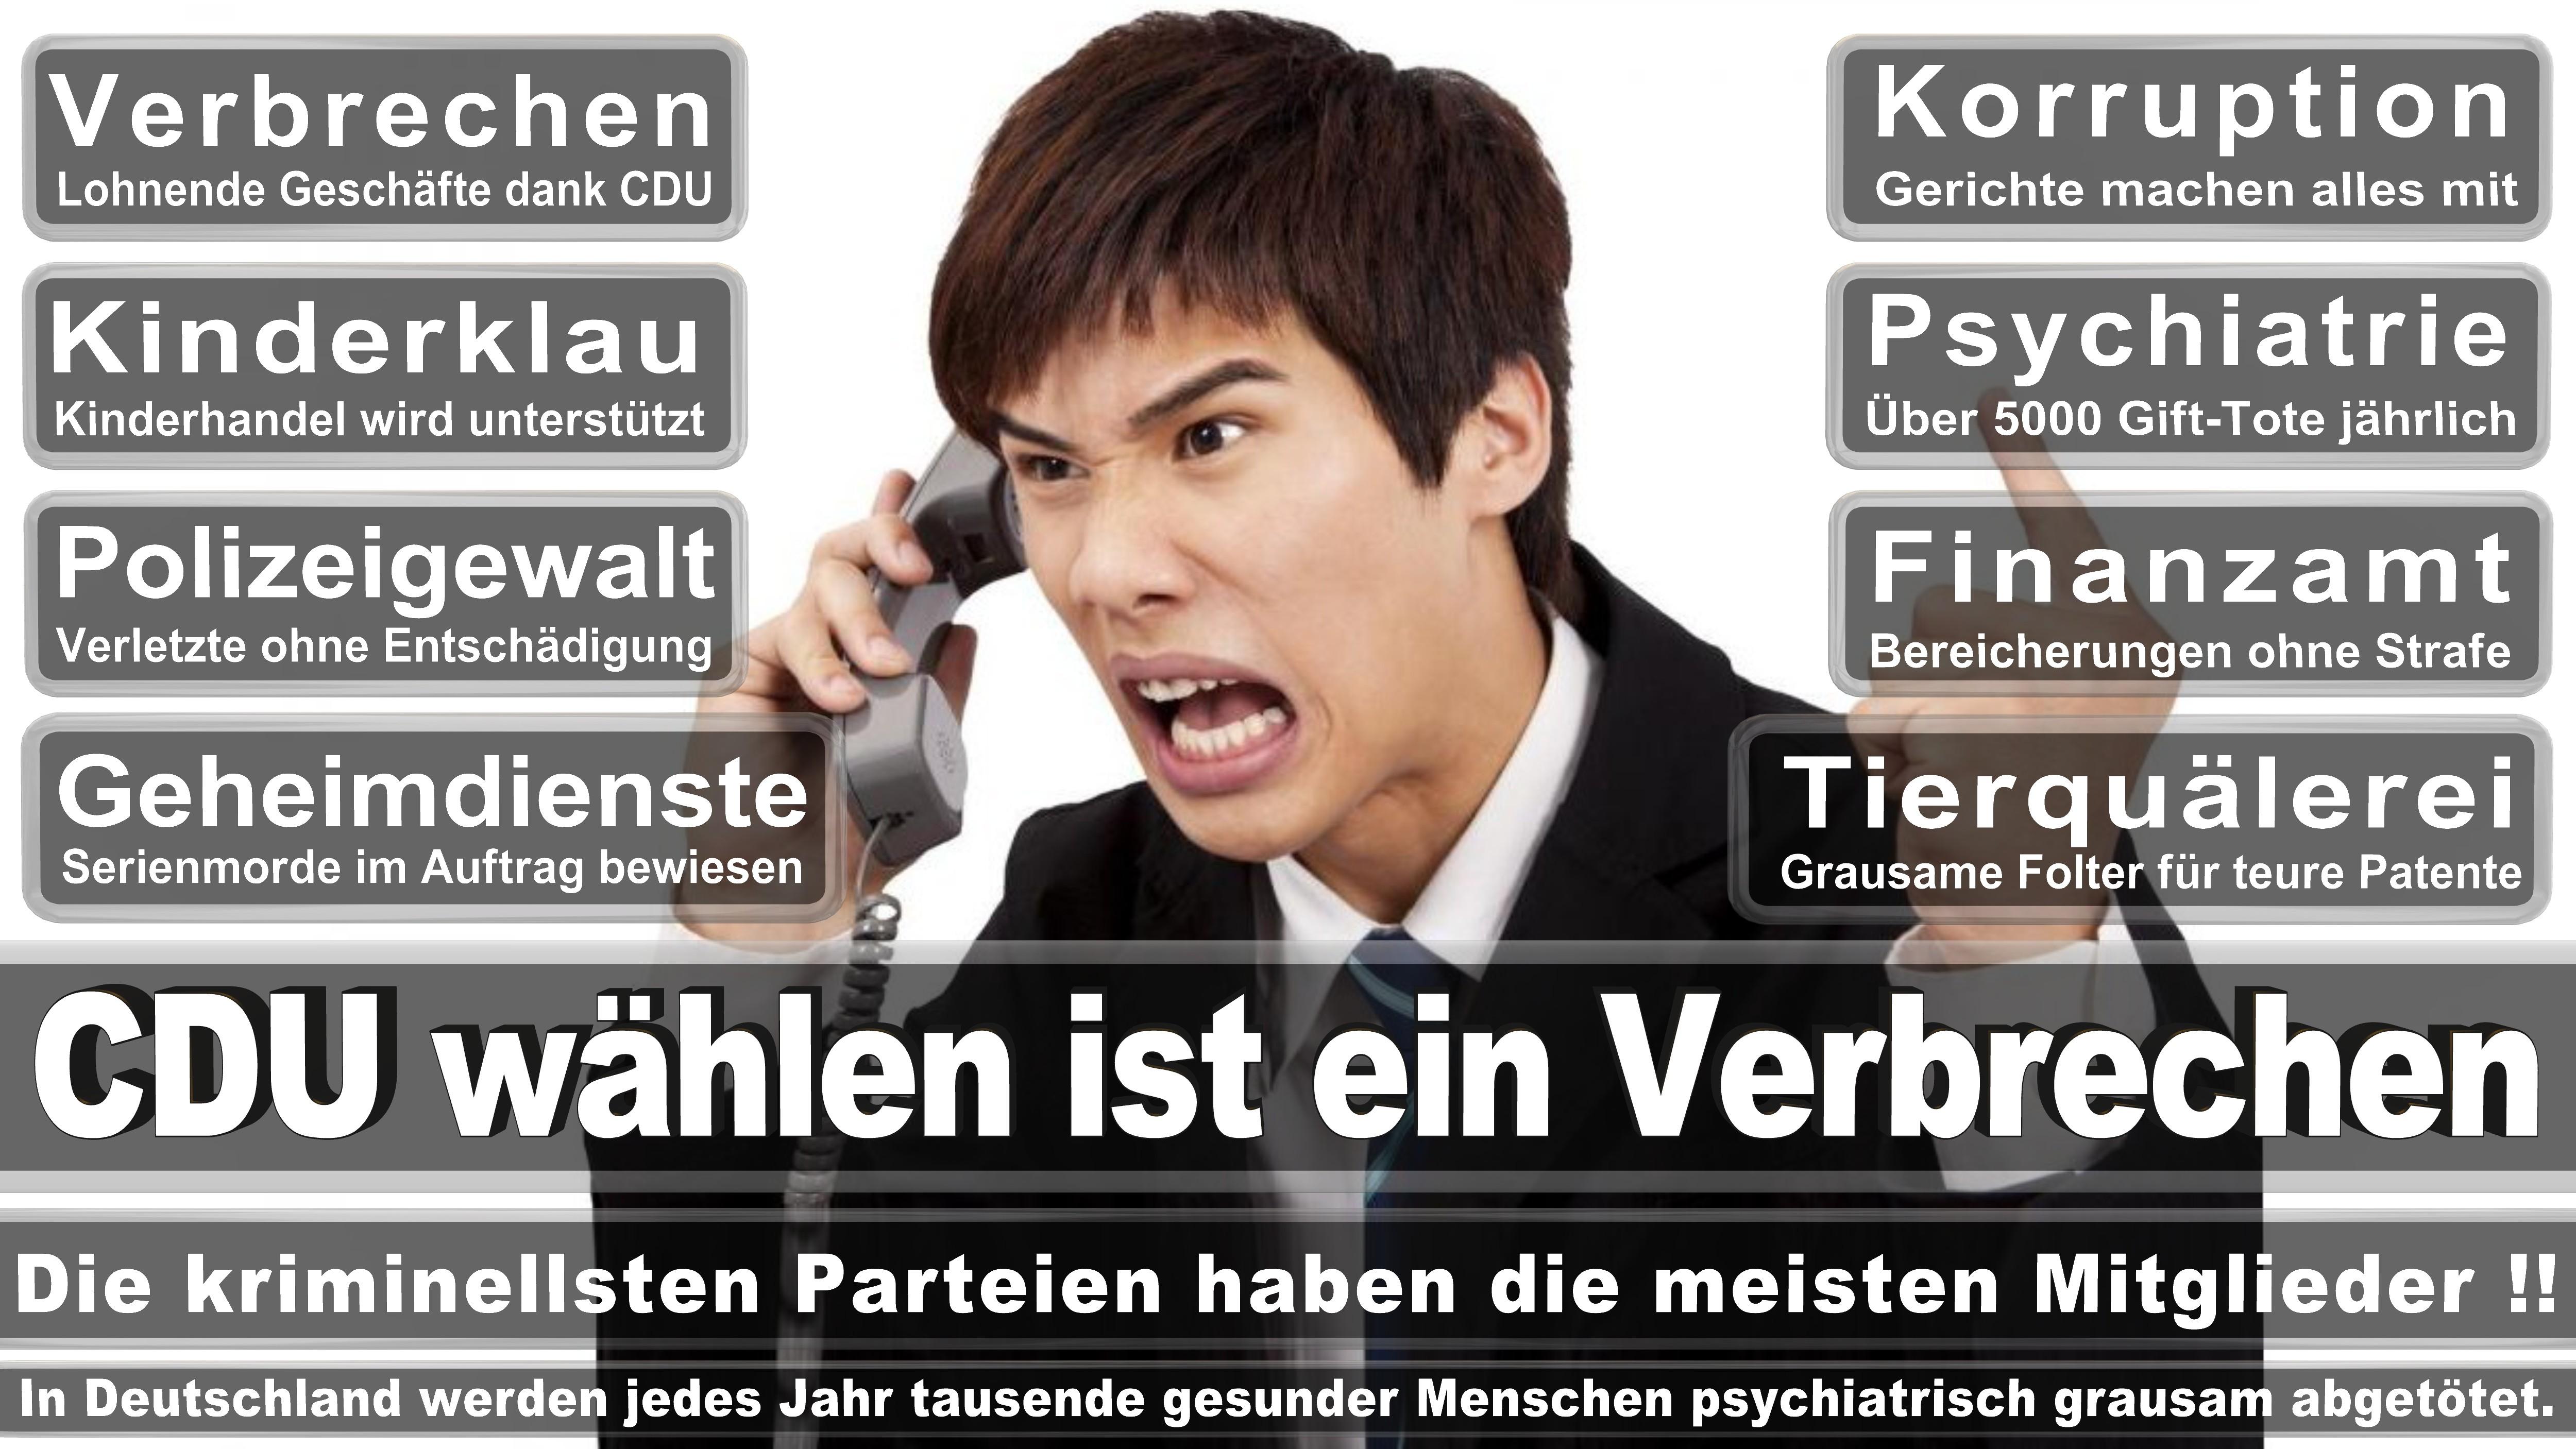 Rechtsanwalt Christoph Scharnhop, Cdu,